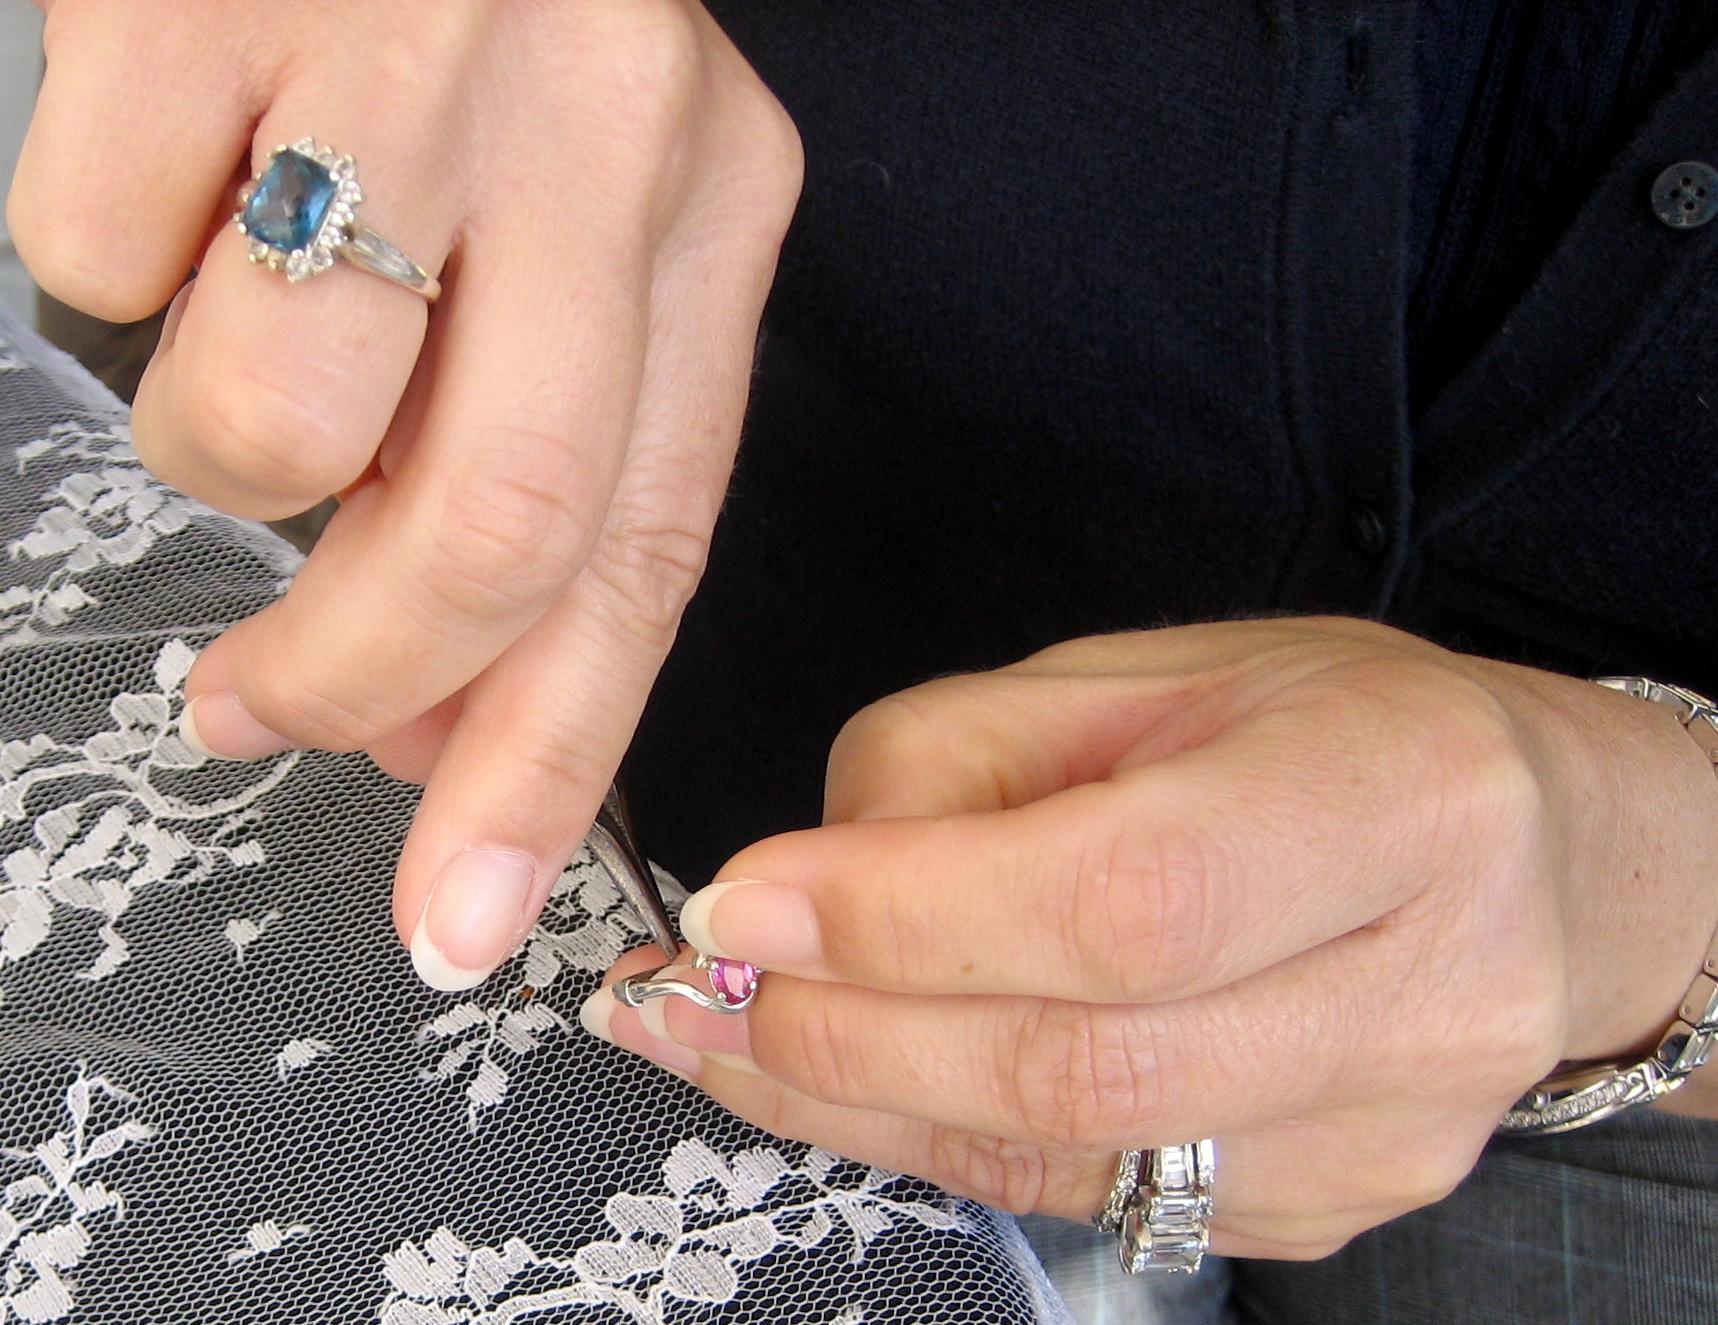 Gemstones Unveiled